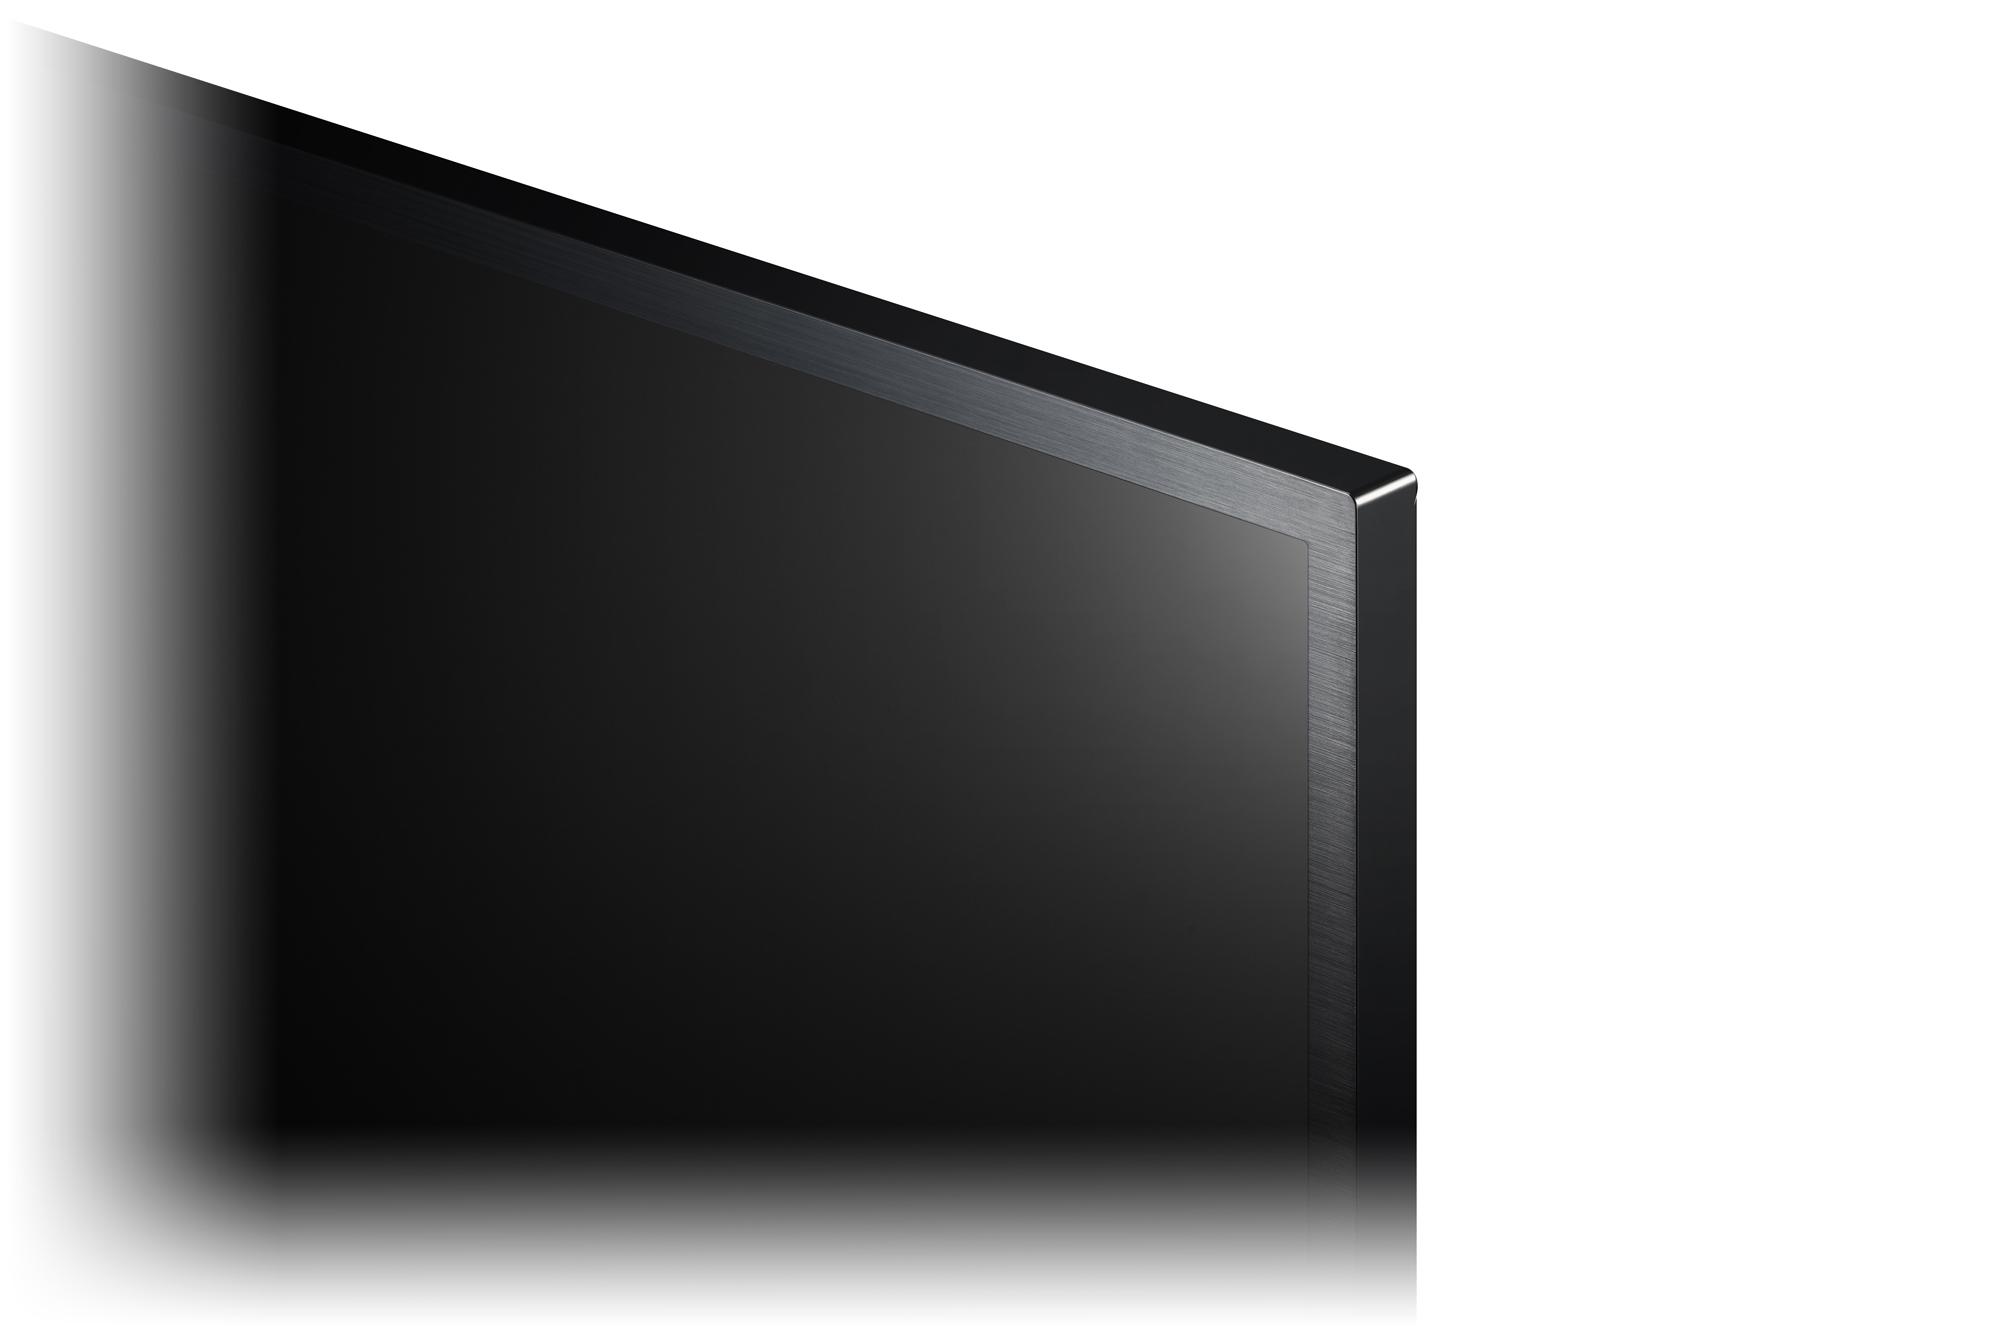 LG Smart TV Signage 55UT640S (NA) 11